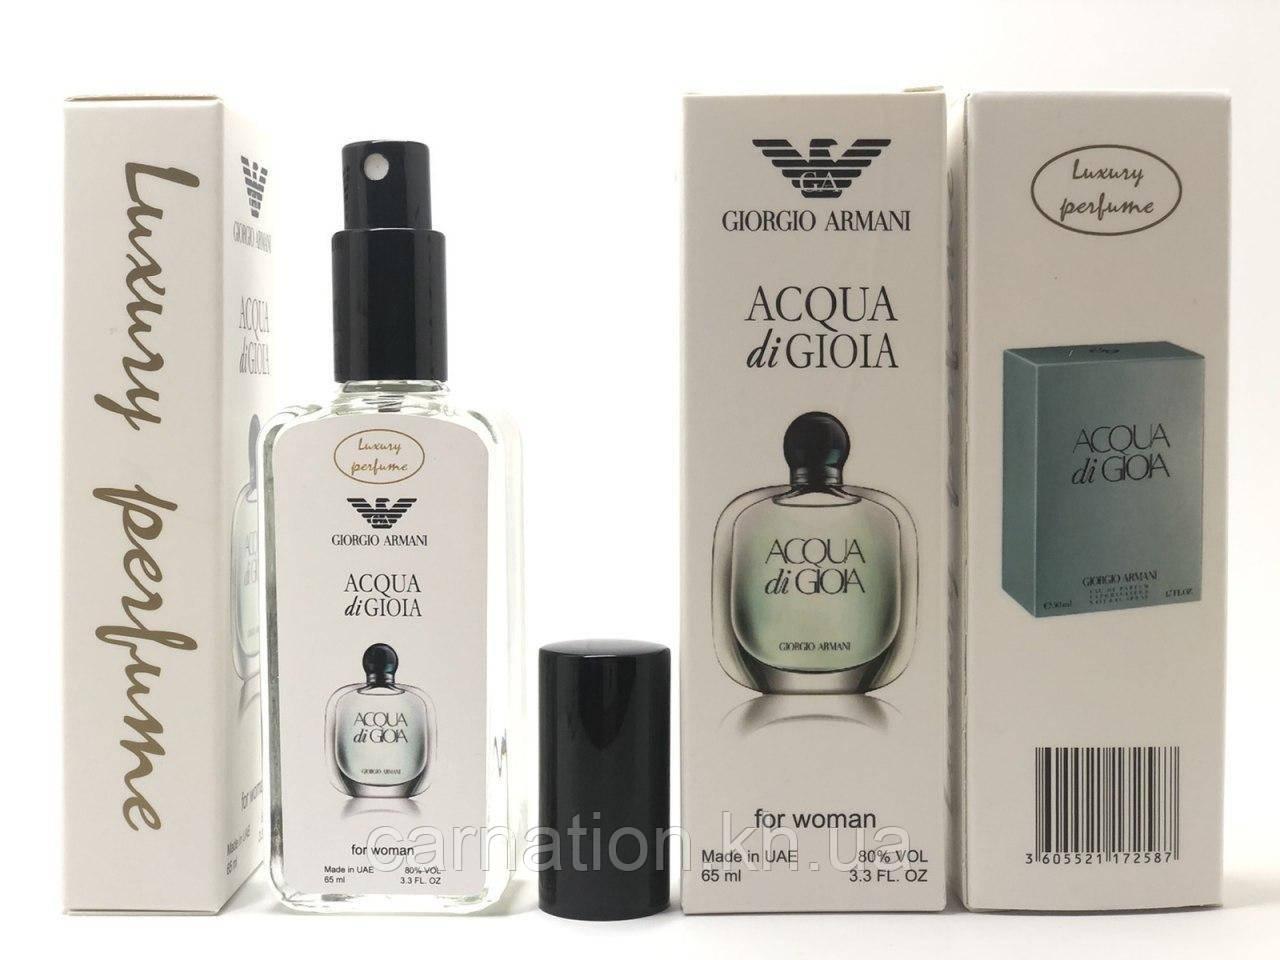 Женский тестер Giorgio Armani Acqua Di Gioia Luxury Perfume (Аква Ди Джиола) 65 мл